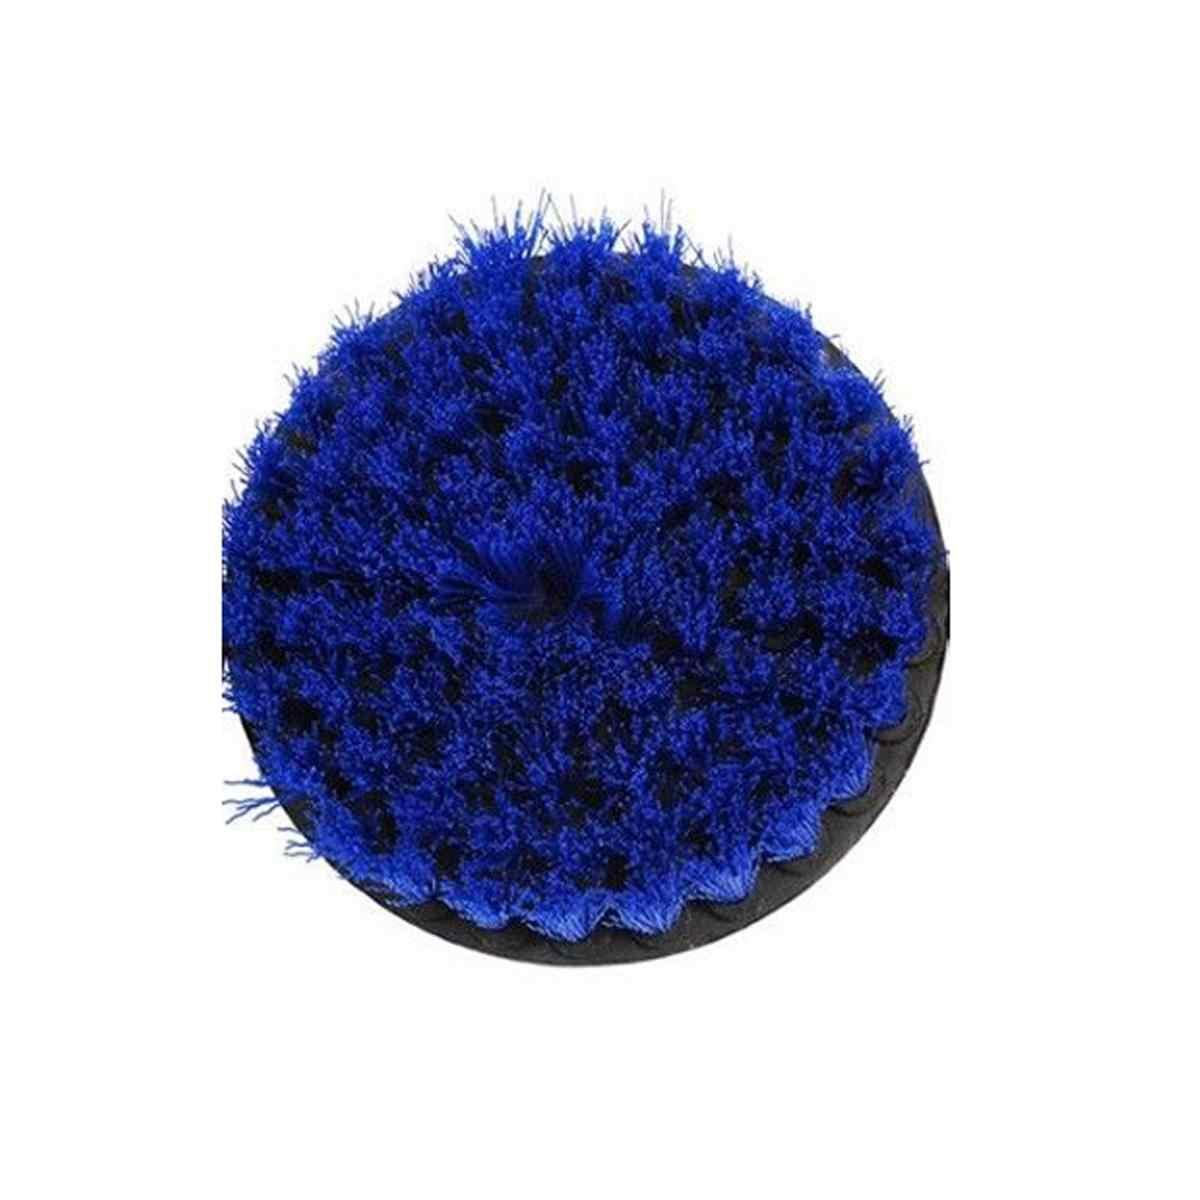 DANIU 5 بوصة الأحمر/الأصفر/الأزرق الخشن الحفر الكهربائية تنظيف فرشاة ل جهاز إزالة الغبار الغسيل تنظيف فرشاة حوض أداة تنظيف كيت